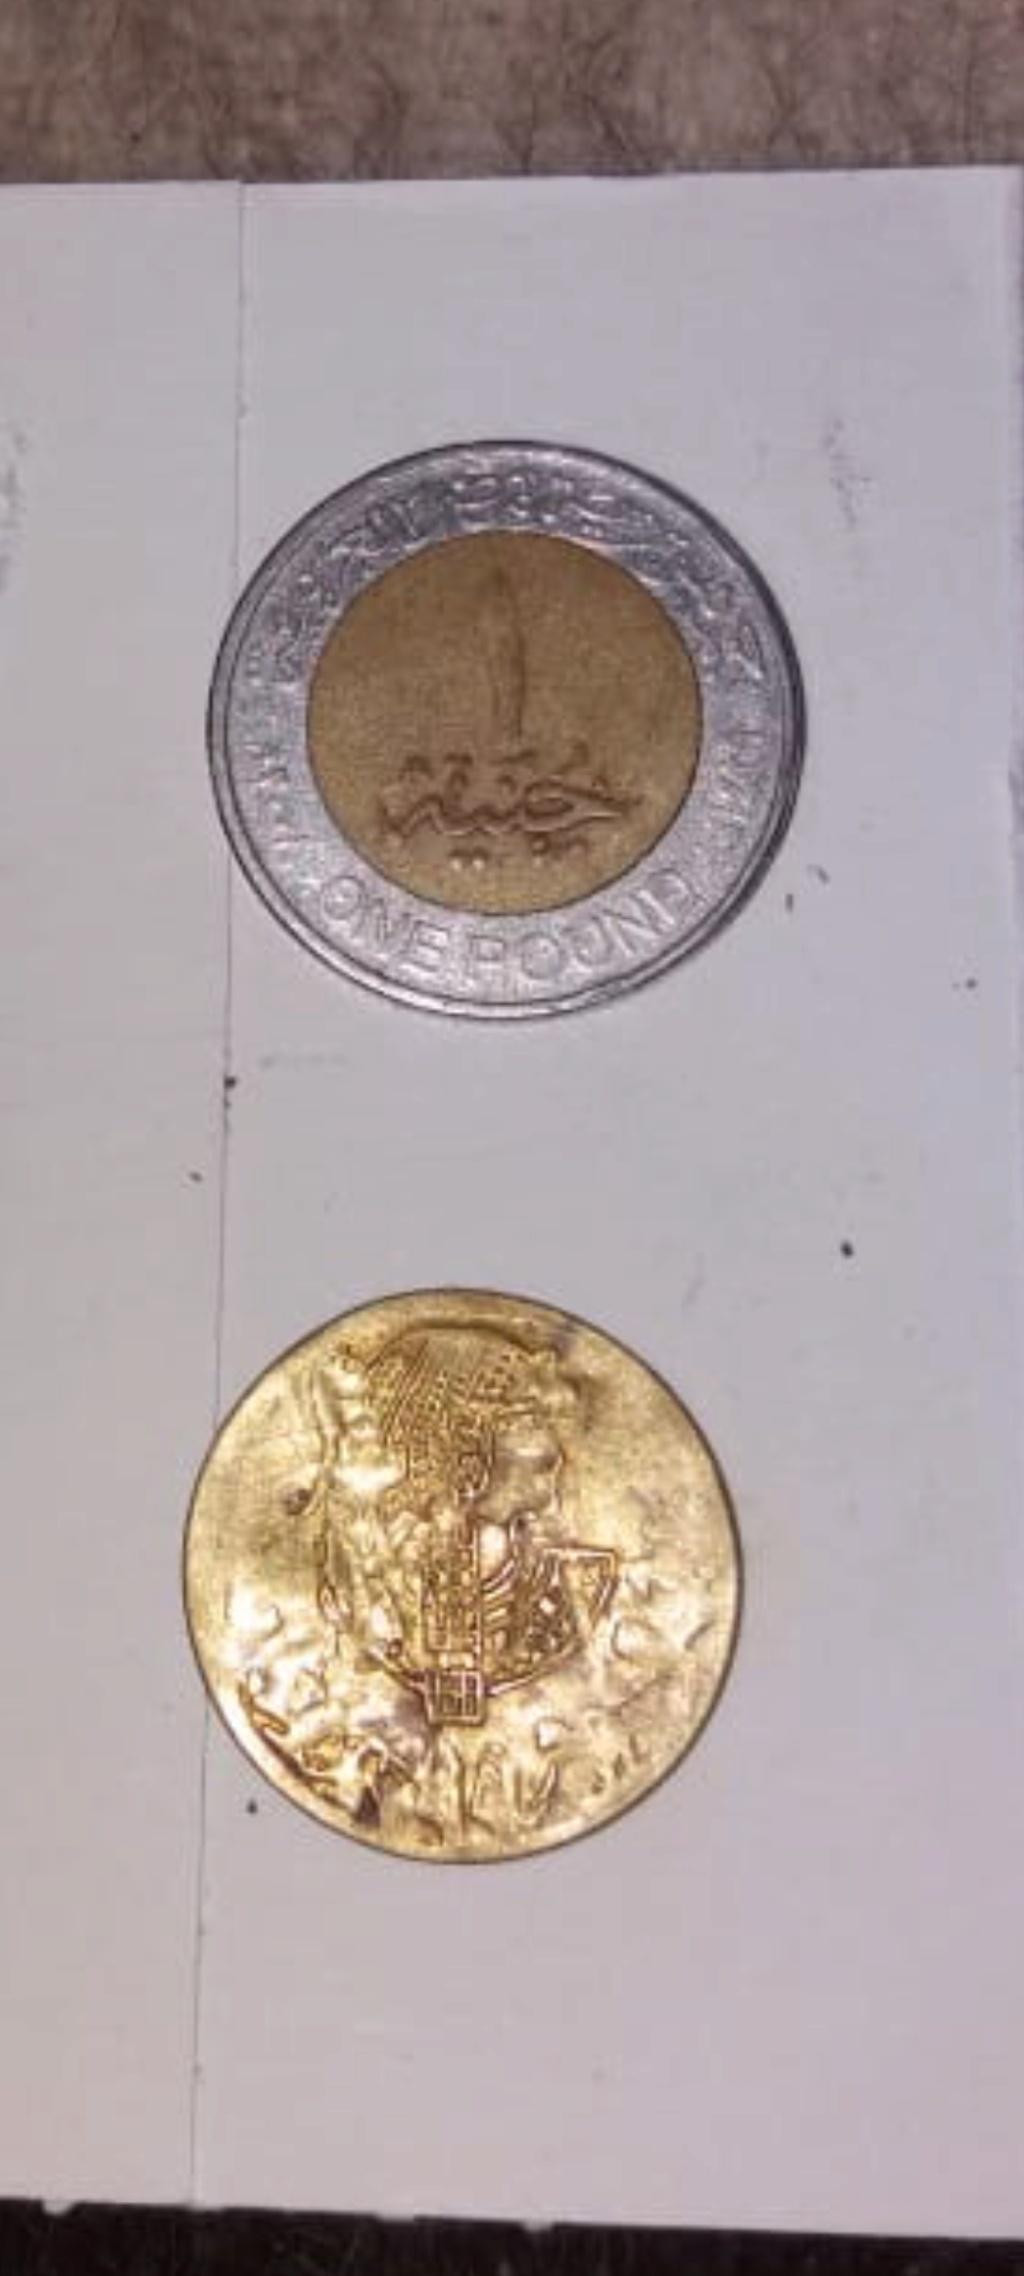 ارجو تقييم هذه العملة من فضلكم هل هي فرعونية ام بيزينطية Screen15